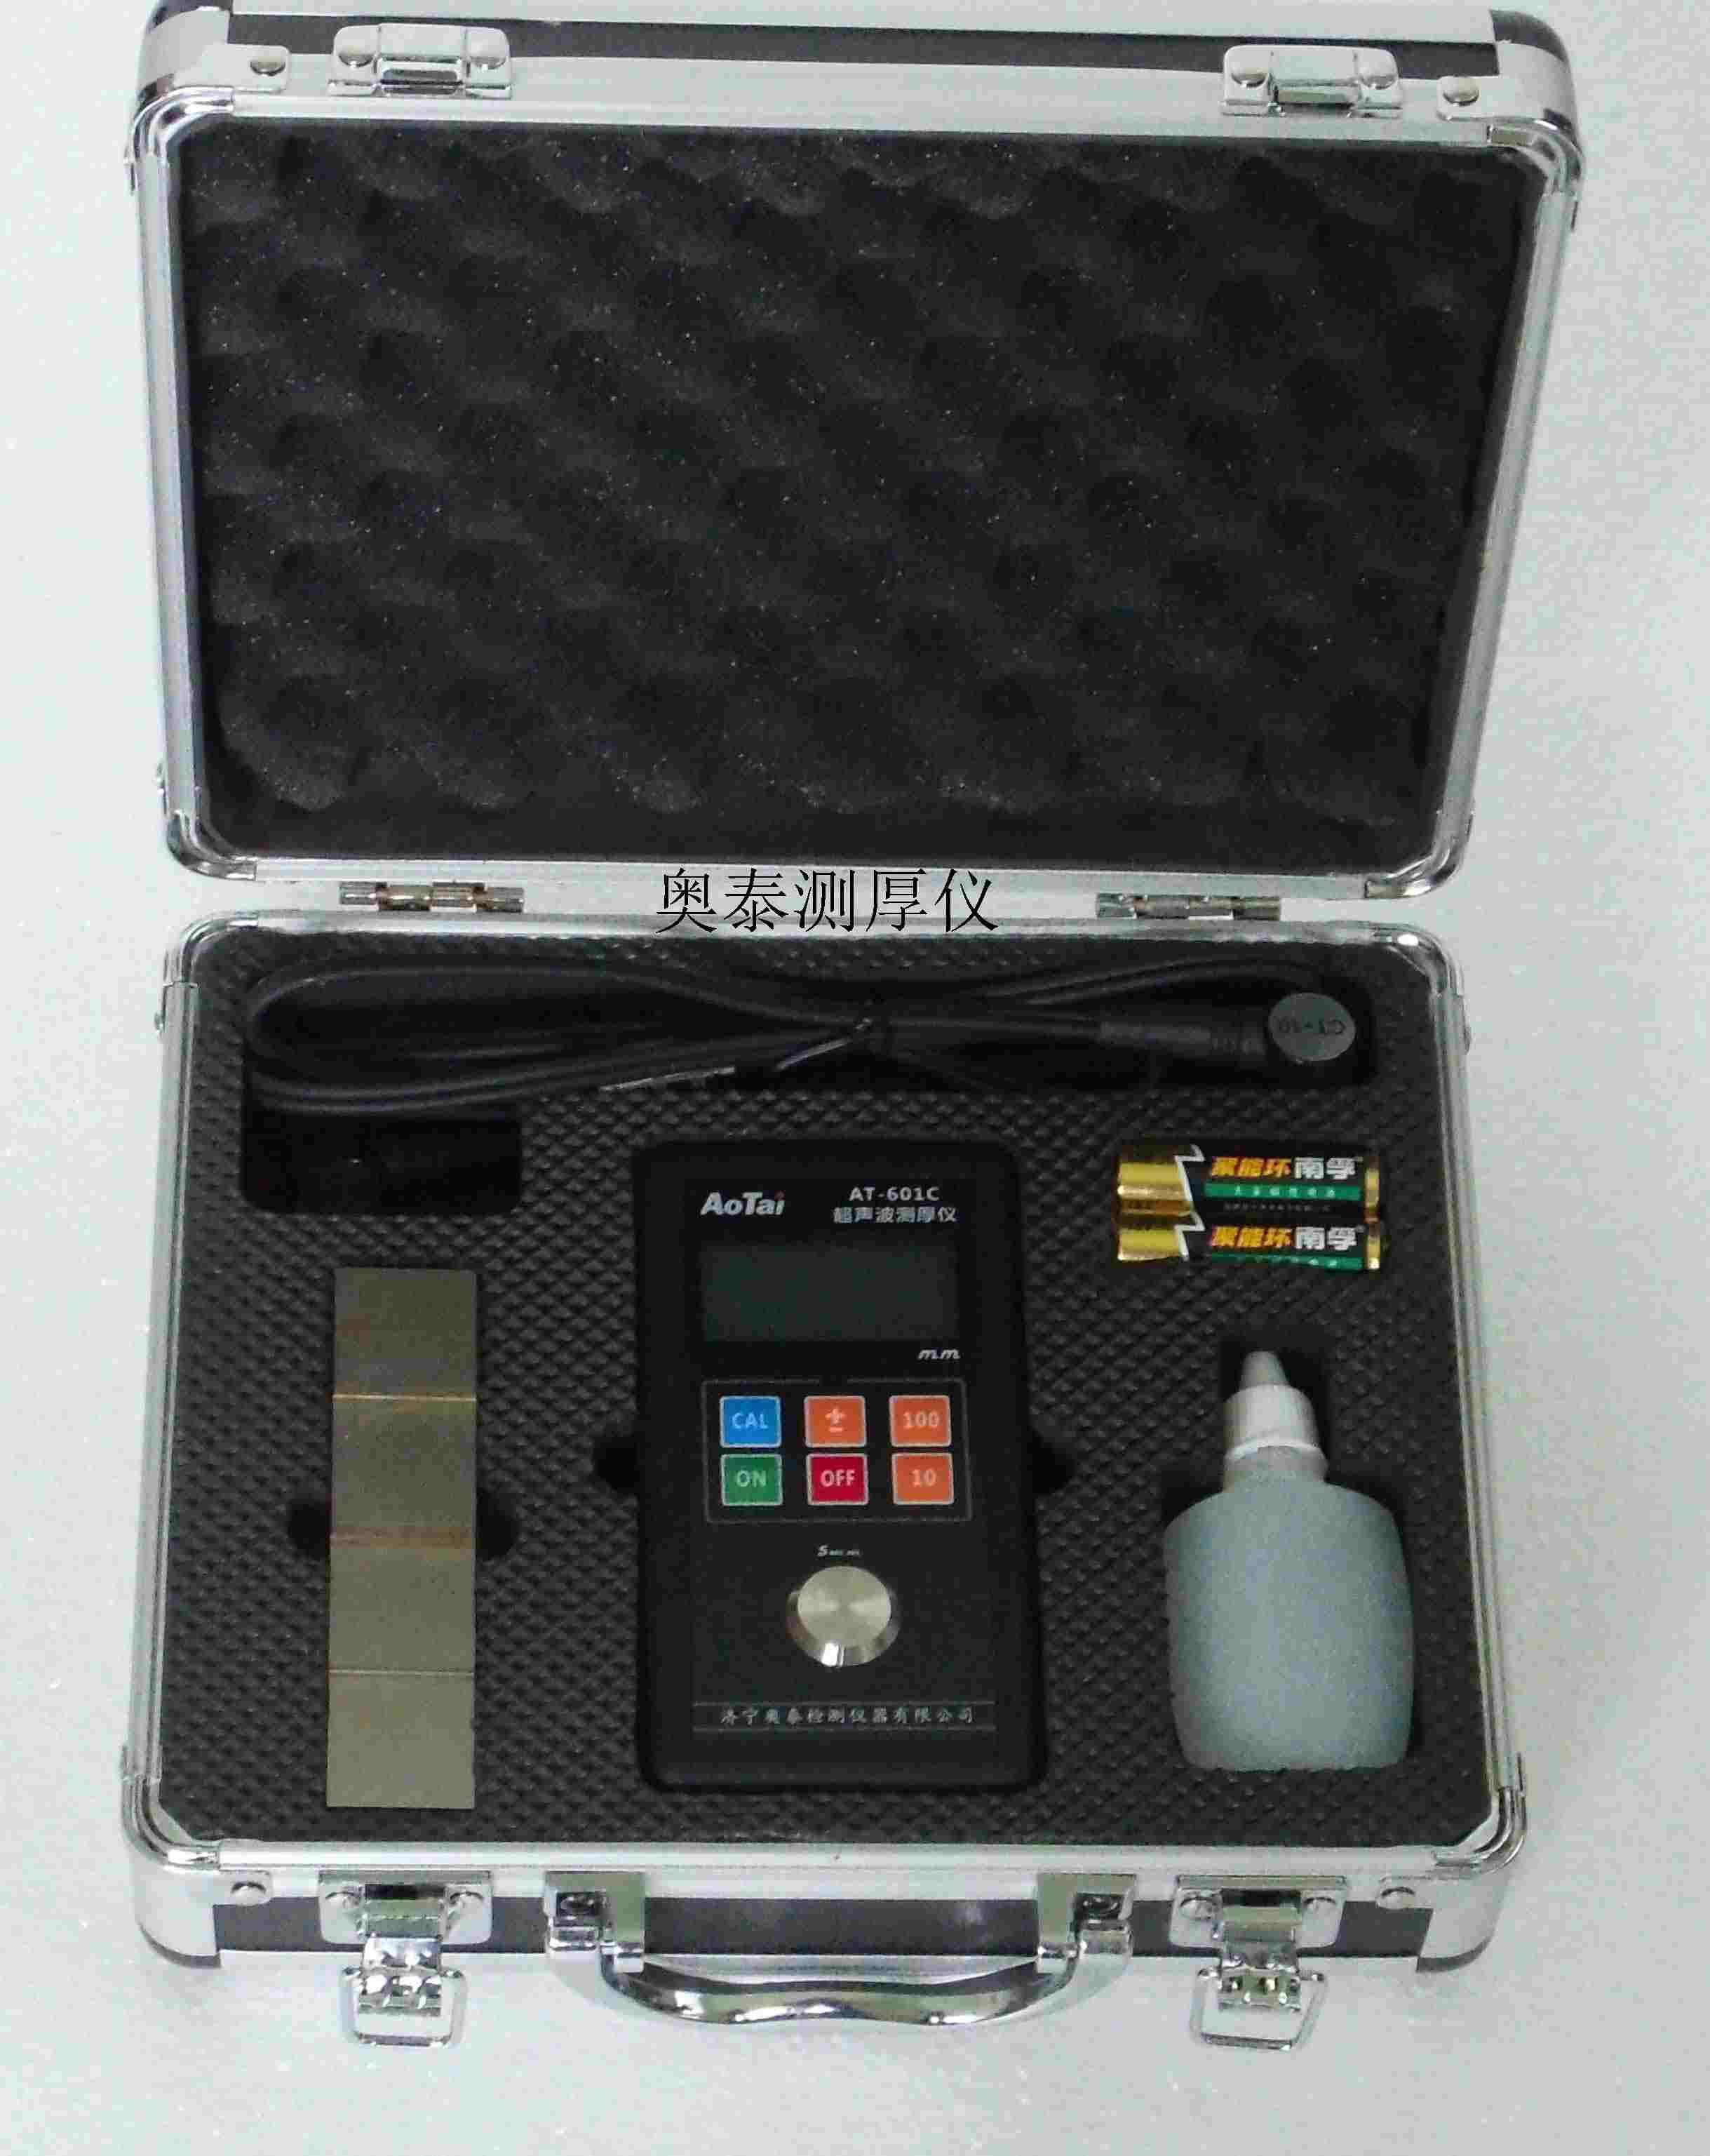 超声波测厚仪测量铸件材料技巧